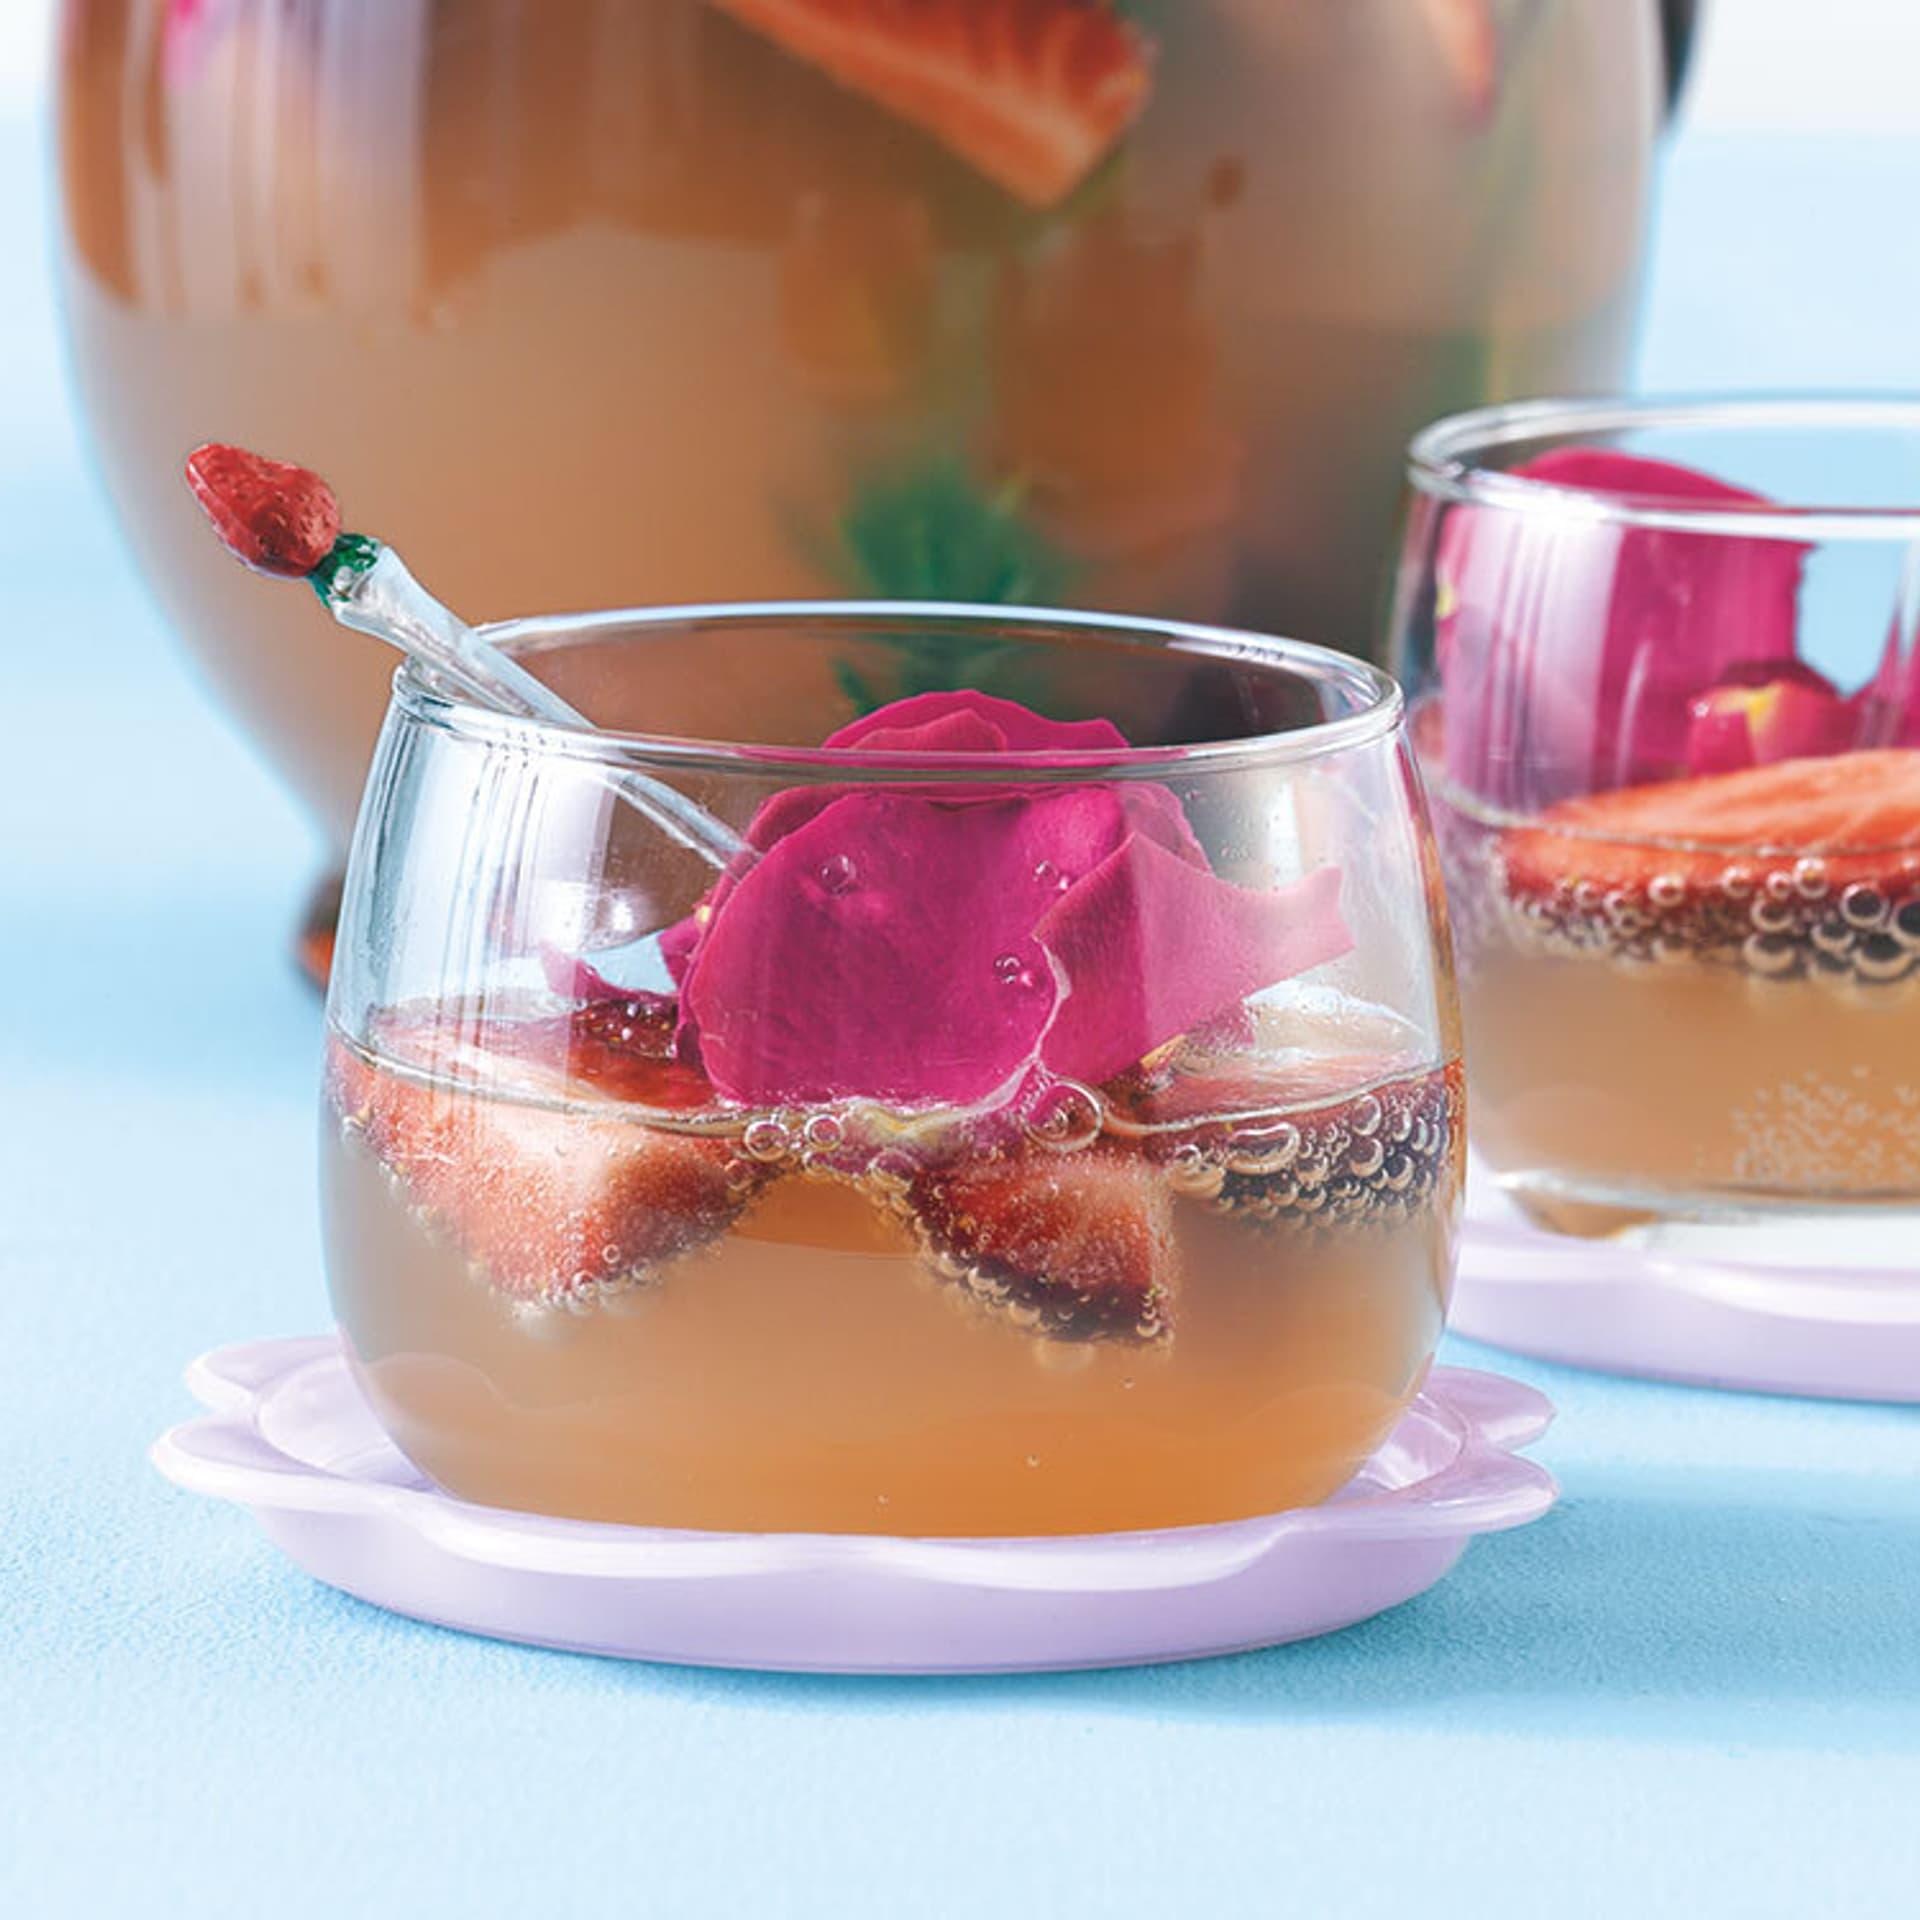 zwei Gläser mit Erdbeer-Rhabarber-Bowle